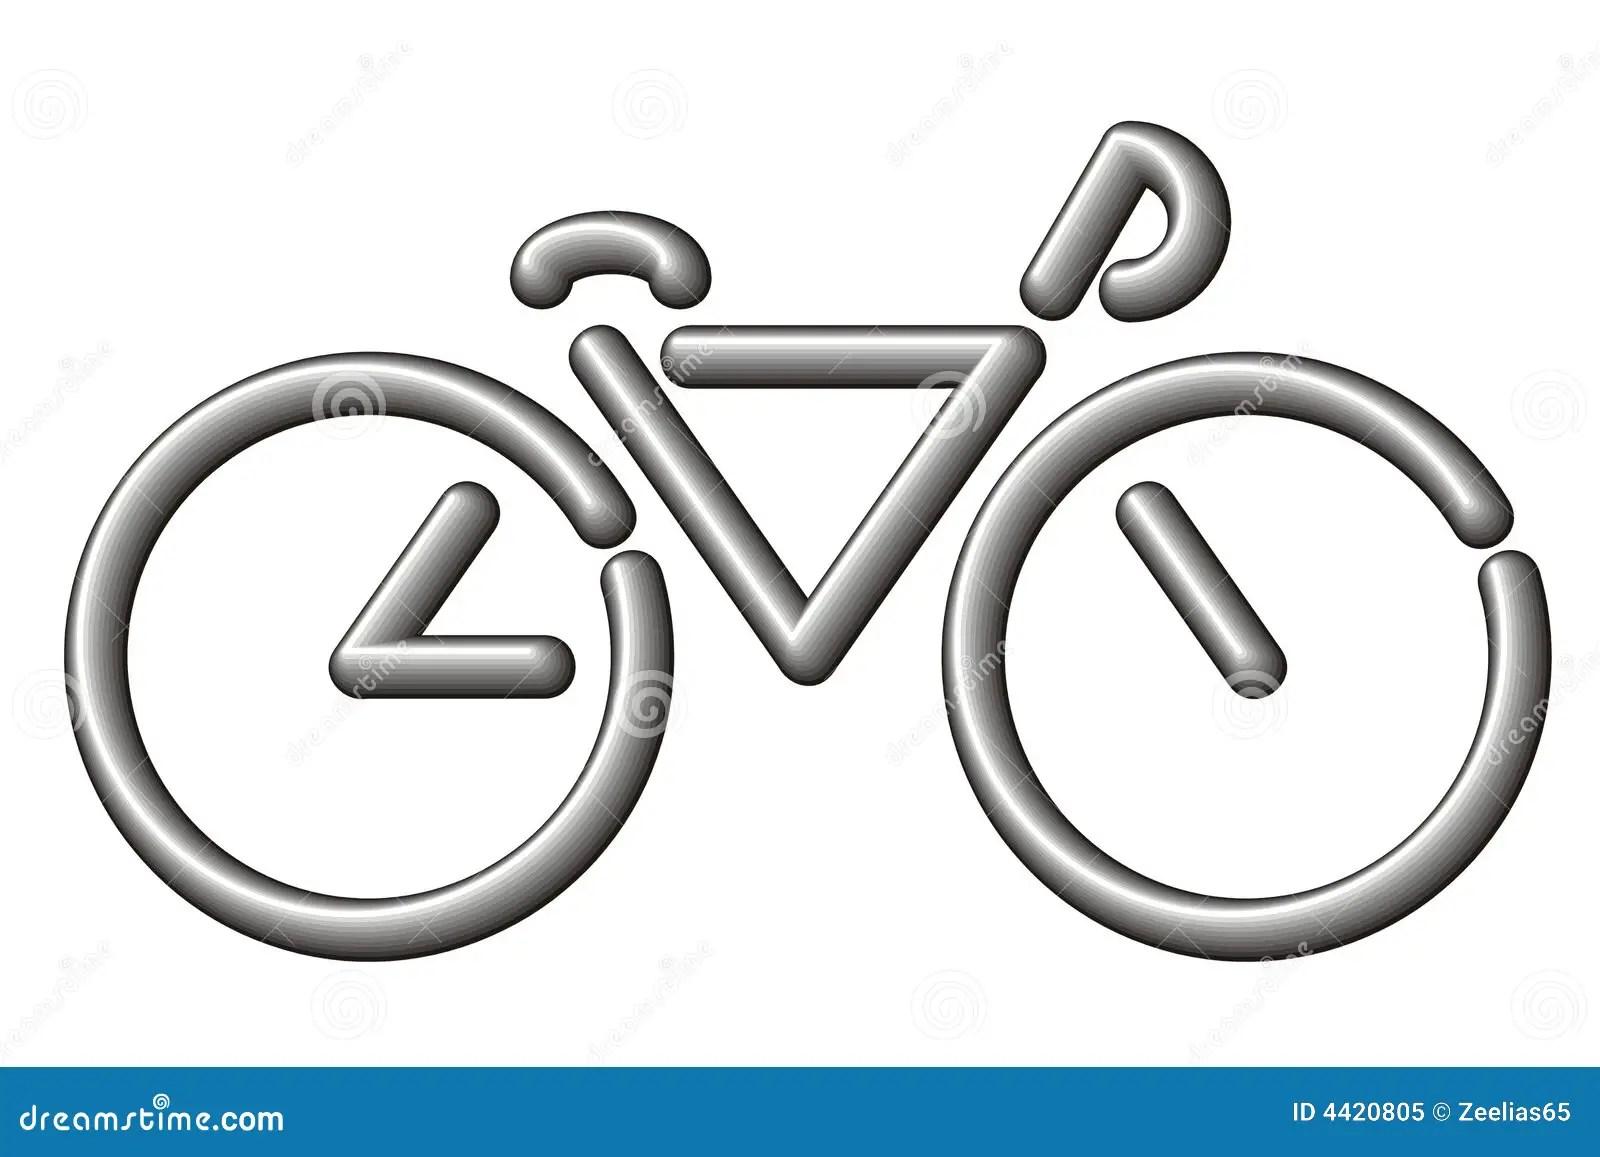 Bici Stilizzata Illustrazioni Vettoriali E Clipart Stock